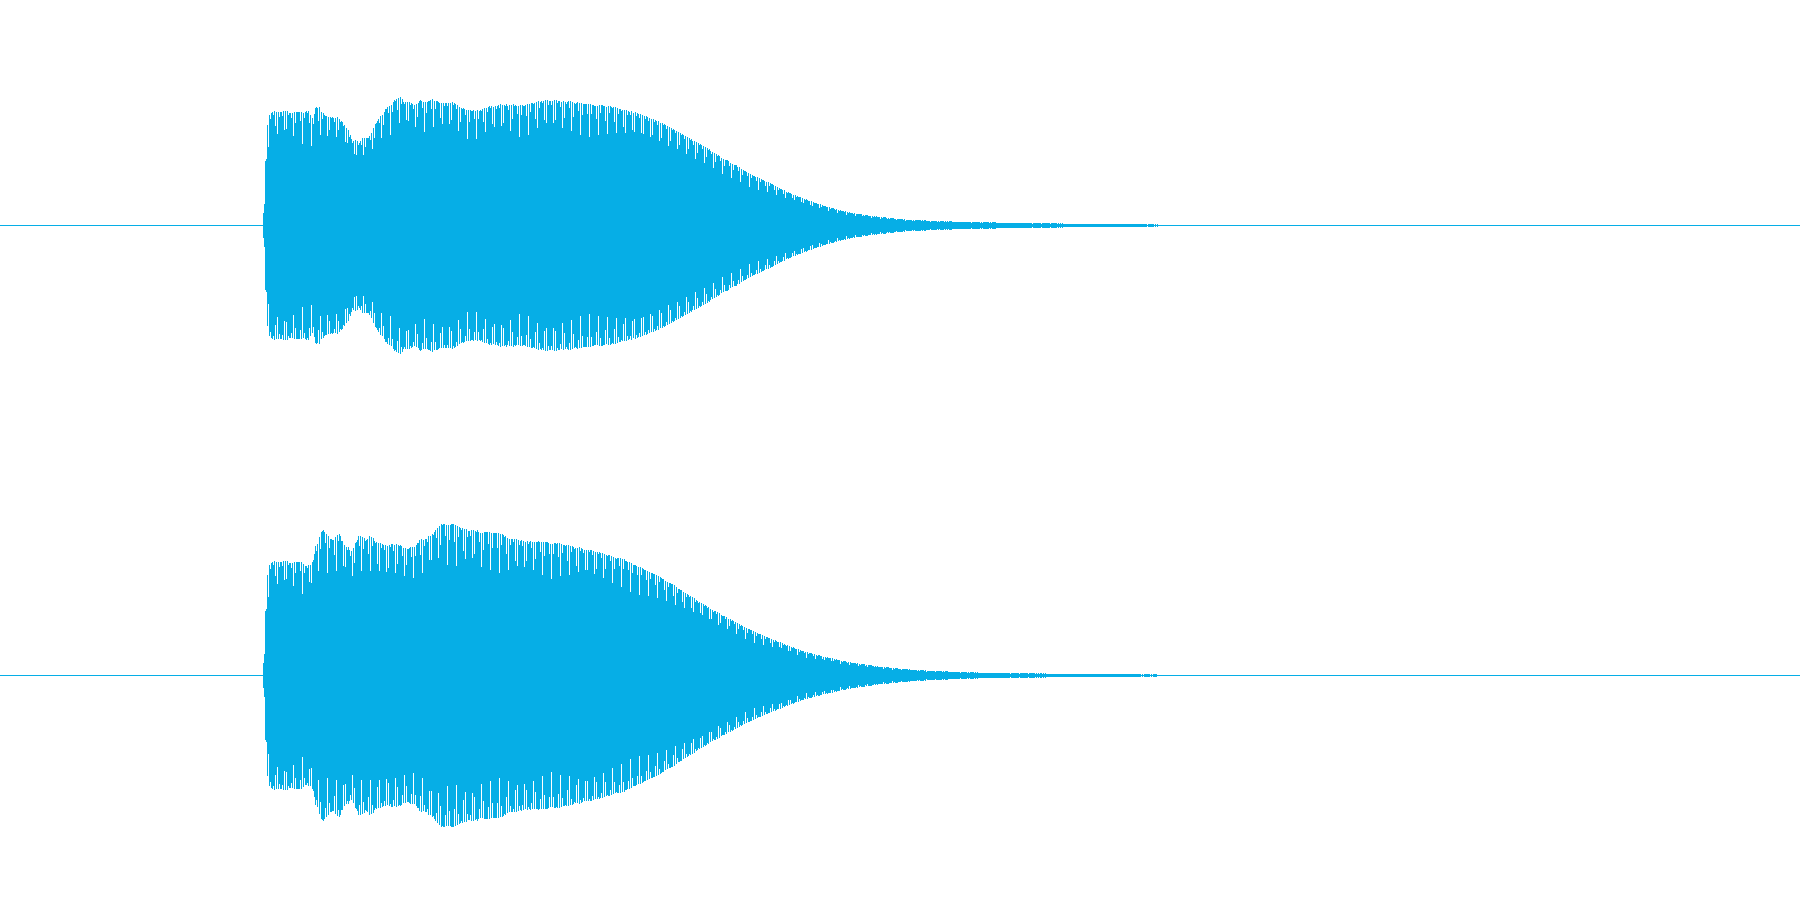 「ポン」というSFチックな決定音の再生済みの波形